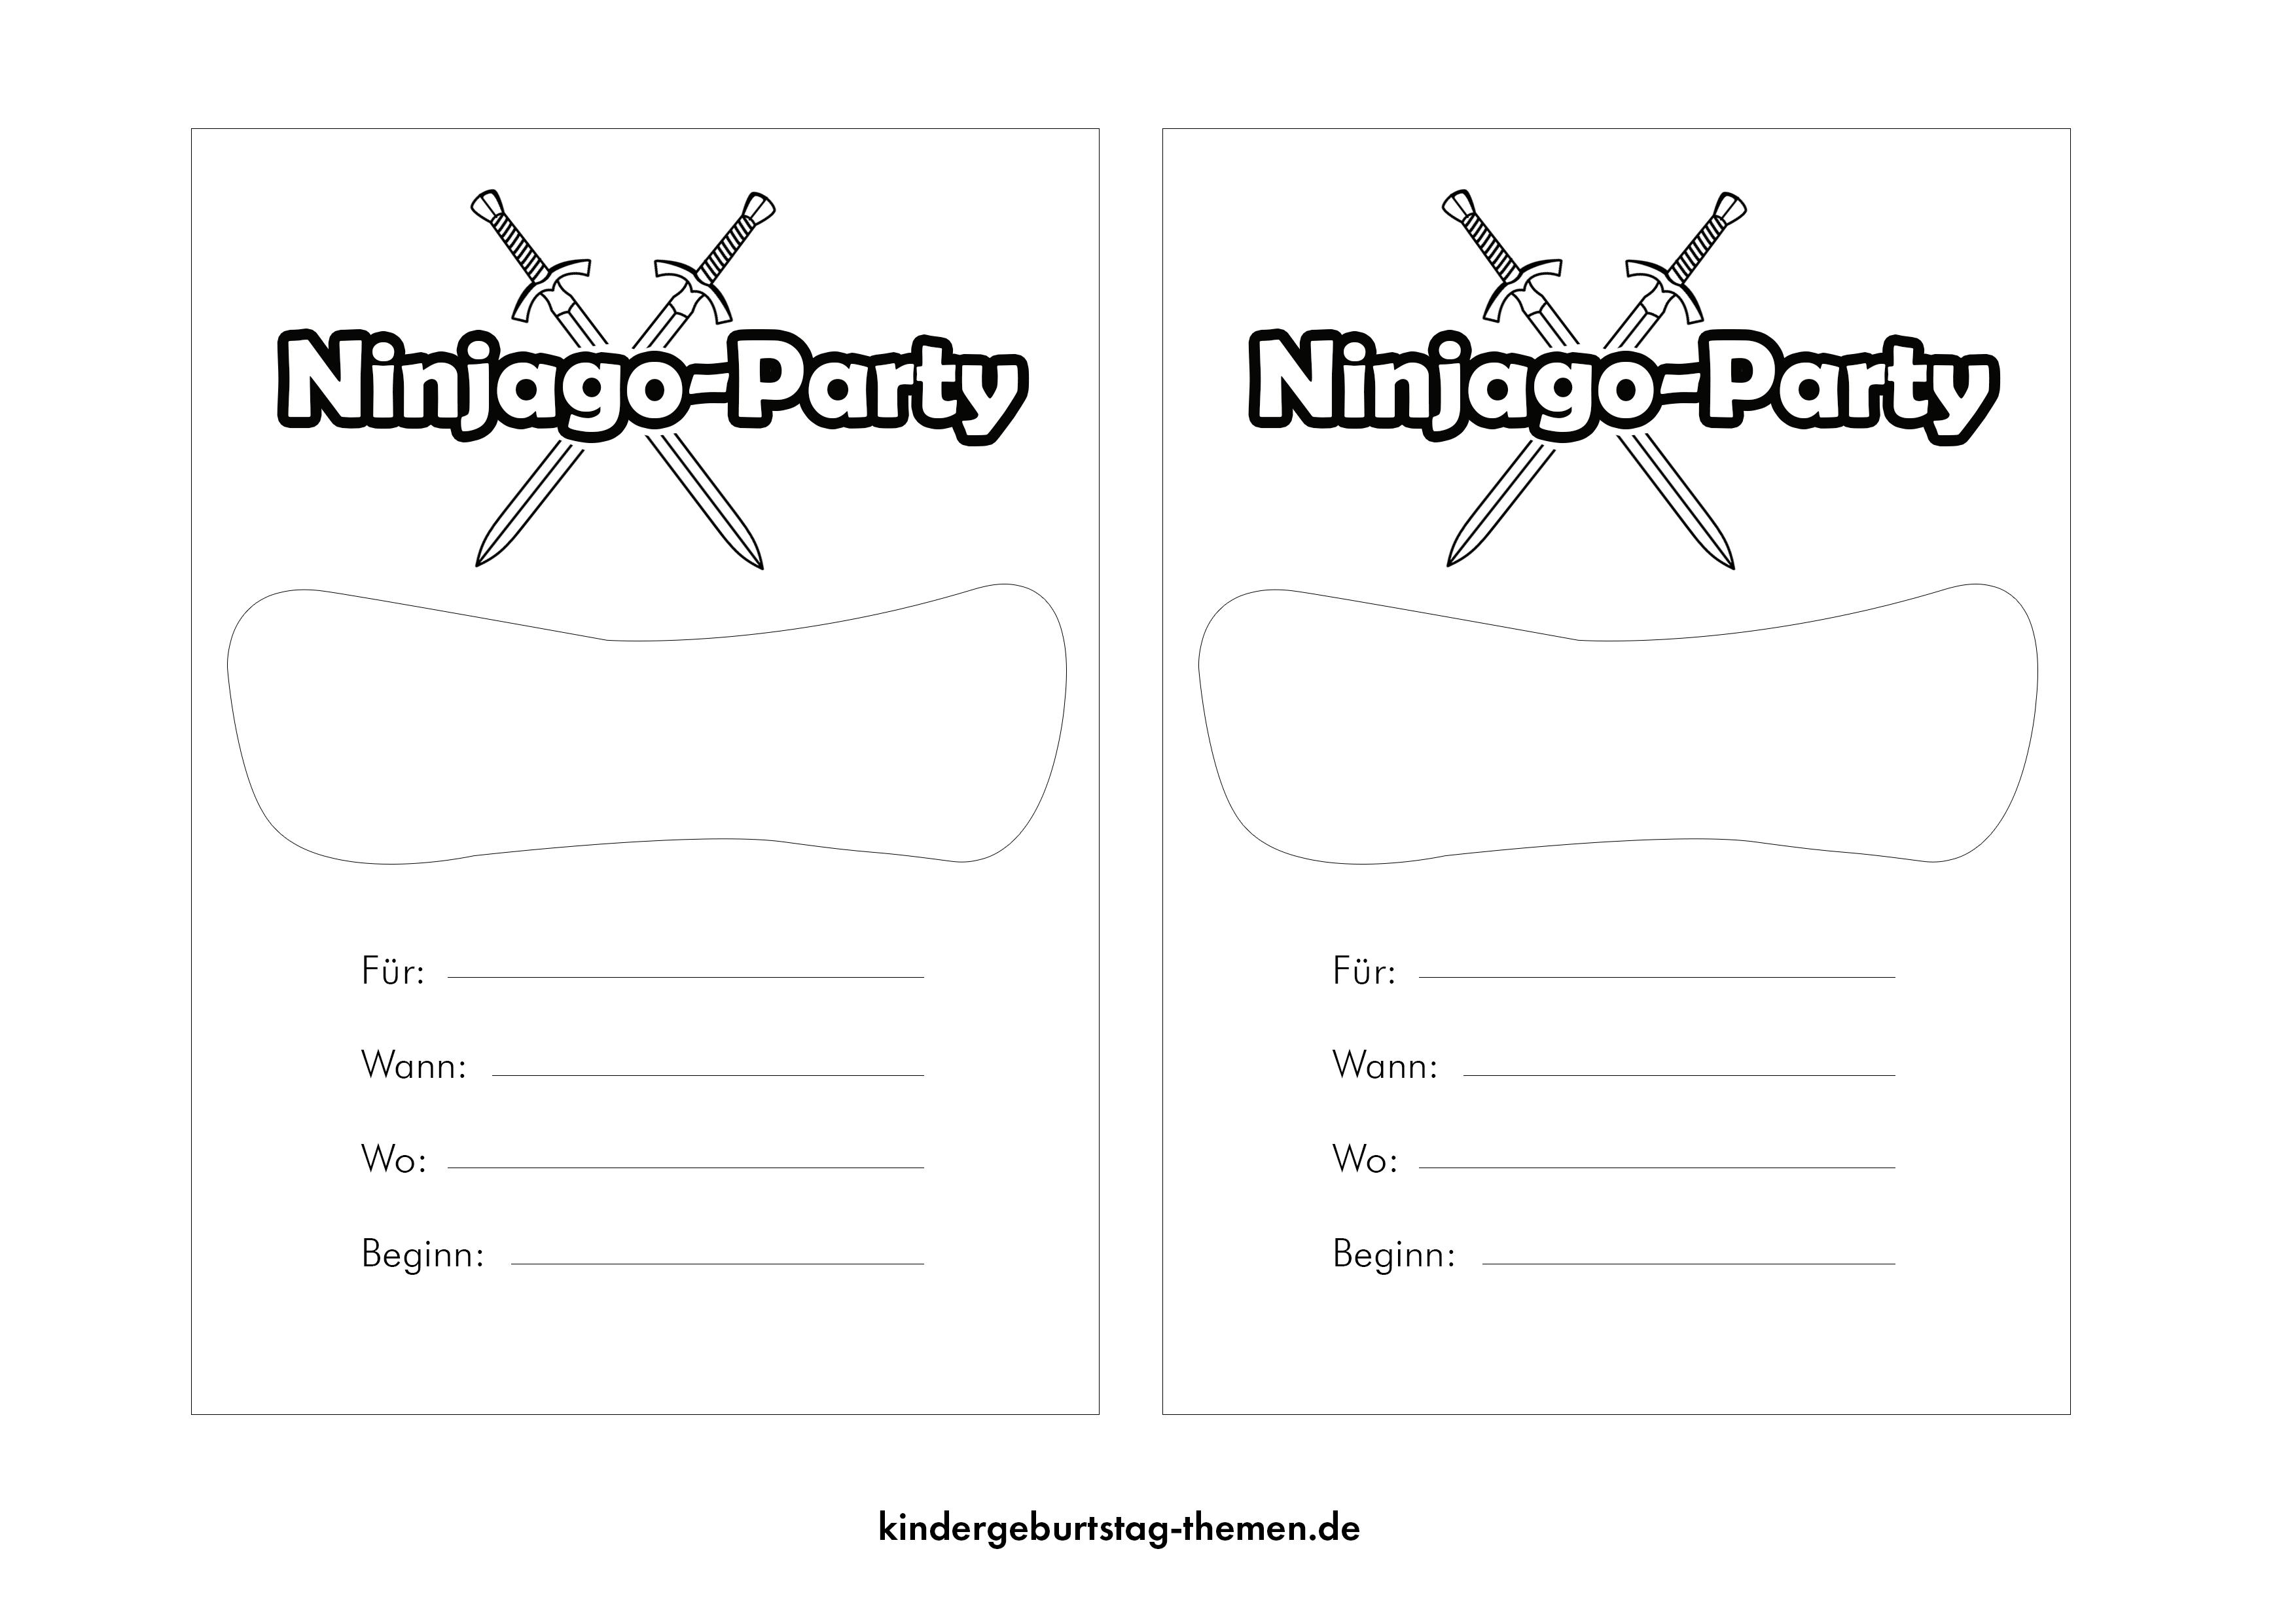 Ninjago Einladungskarten Zum Kindergeburtstag Oder Party Einladungskarten Kindergeburtstag Ninjago Einladungskarten Einladungskarten Zum Ausdrucken